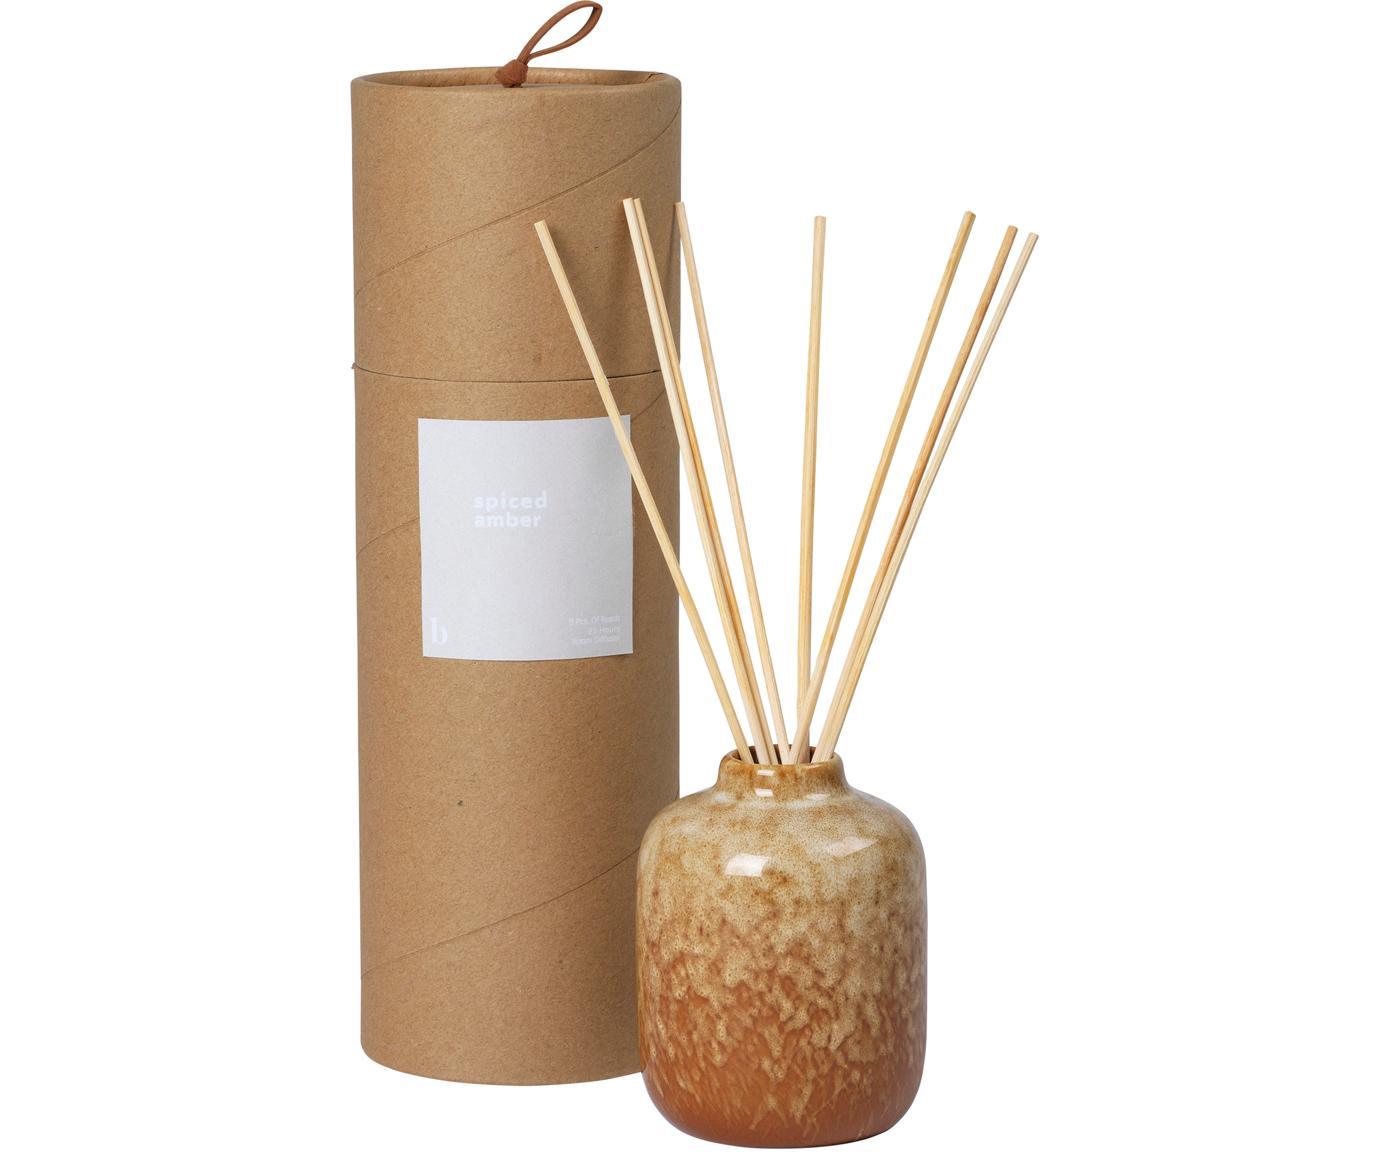 Diffusore Spiced Amber, Contenitore: ceramica, Tonalità marrone, Ø 7 x Alt. 9 cm